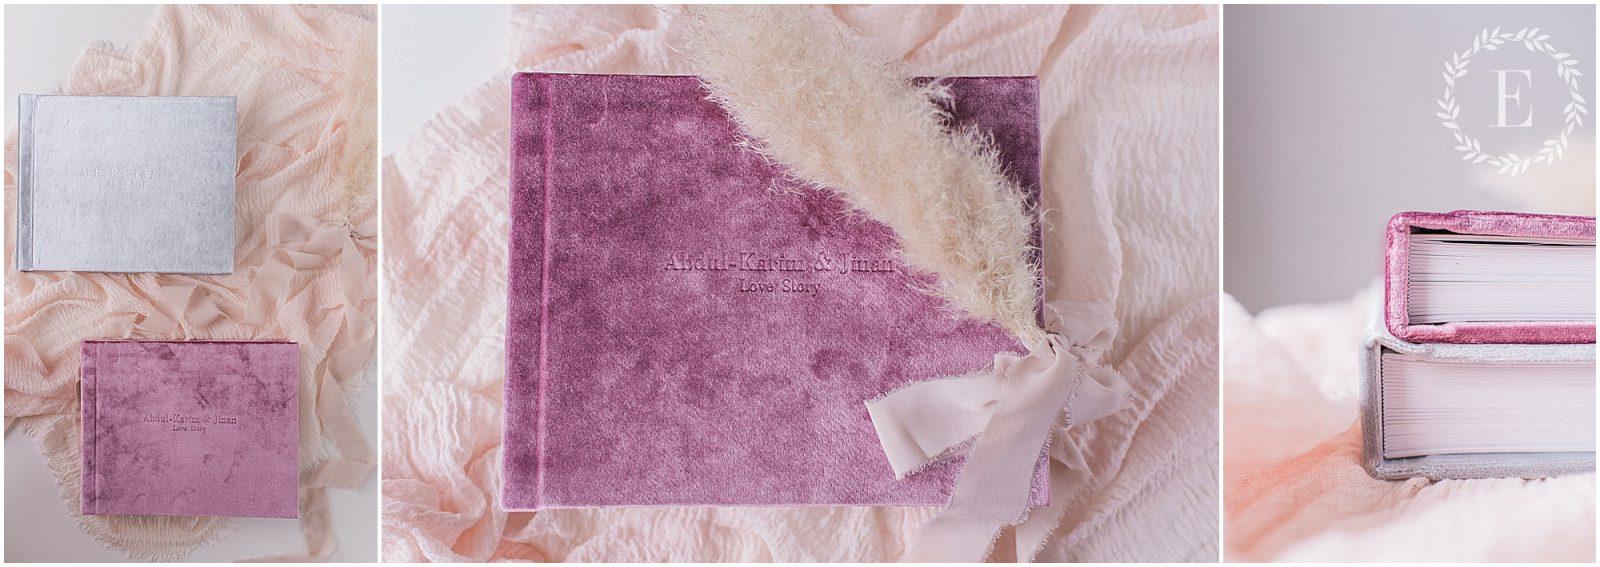 0026 Fine Art Heirloom Wedding Albums Ottawa- Photography by Emma.jpg